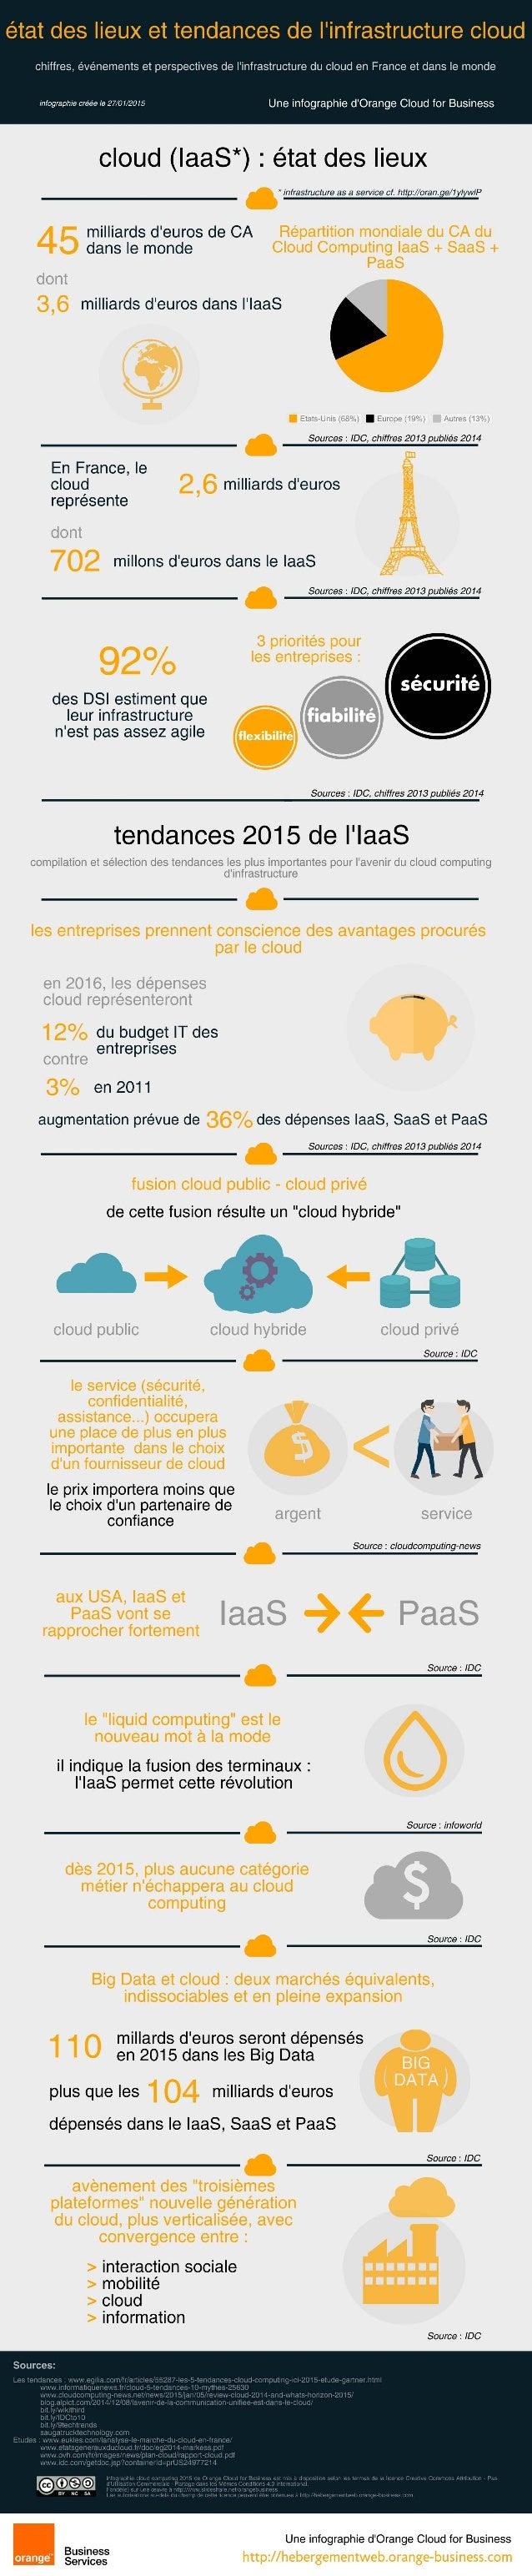 [Infographie] Etat des lieux et tendances du cloud